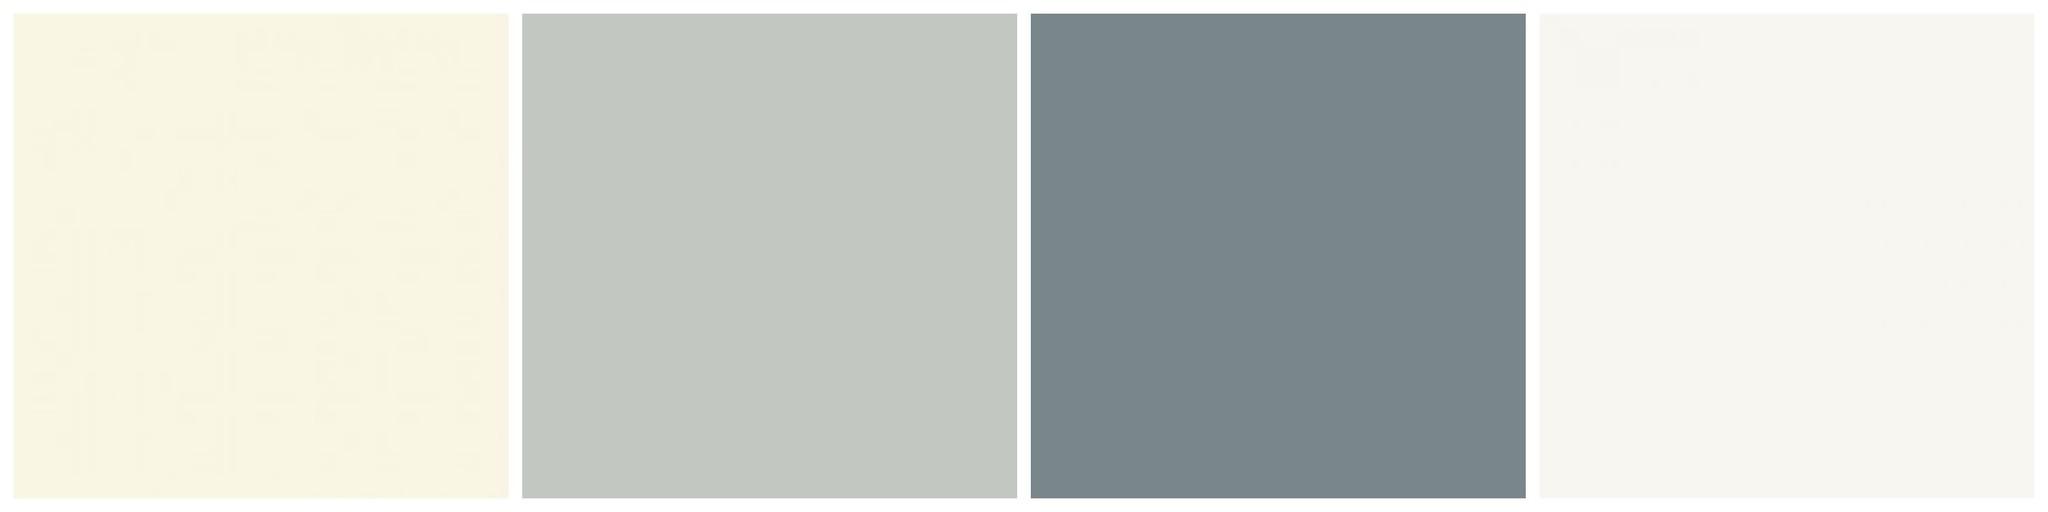 Balkonvloer kleuren